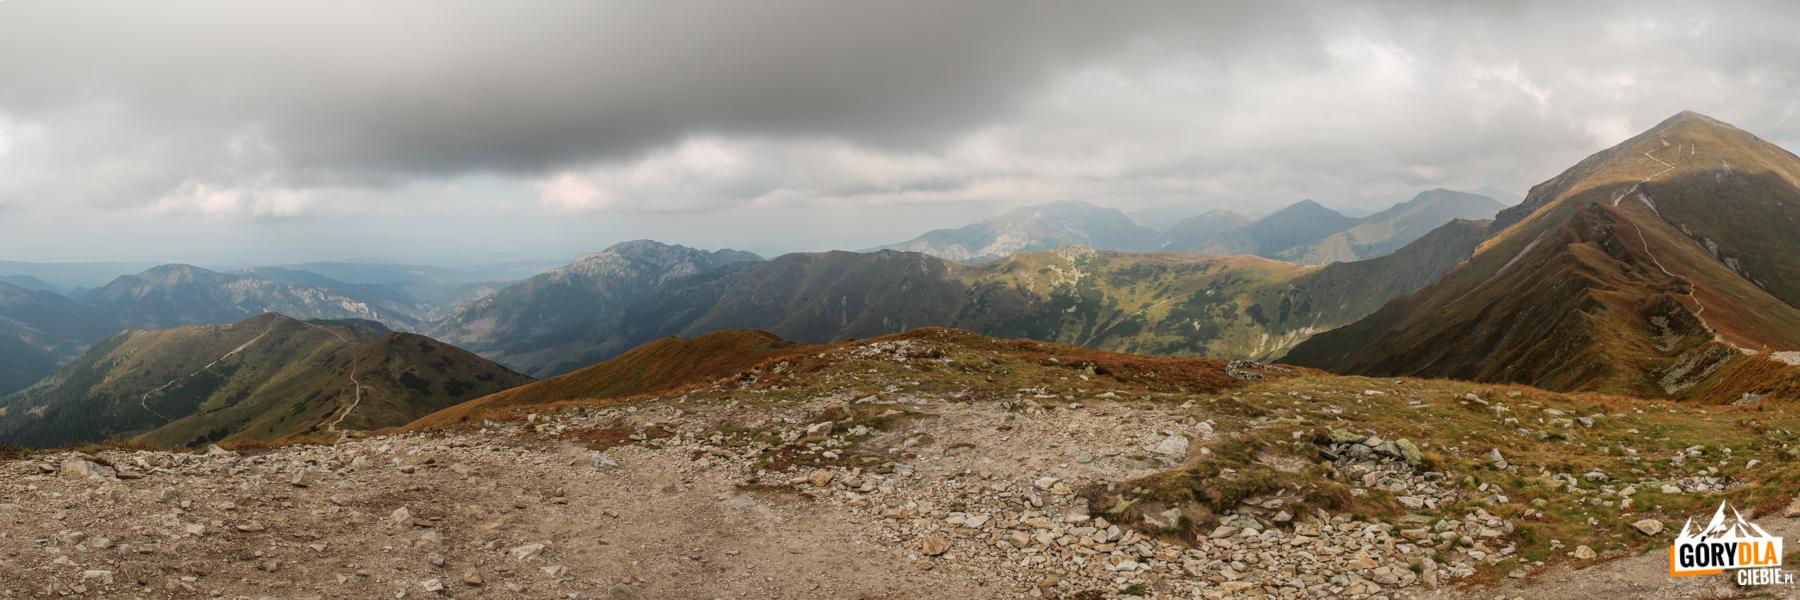 Widok z Kończystego Wierchu (2002 m): od lewej Trzydniowiański Wierch (1785 m), Kominiarski Wierch (1829 m), Ornak (1854 m), Siwa Przełęcz (1812 m) i Starorobociański Wierch (2175 m) na oStarorobociańska Przełęcz (słow. Račkovo sedlo)